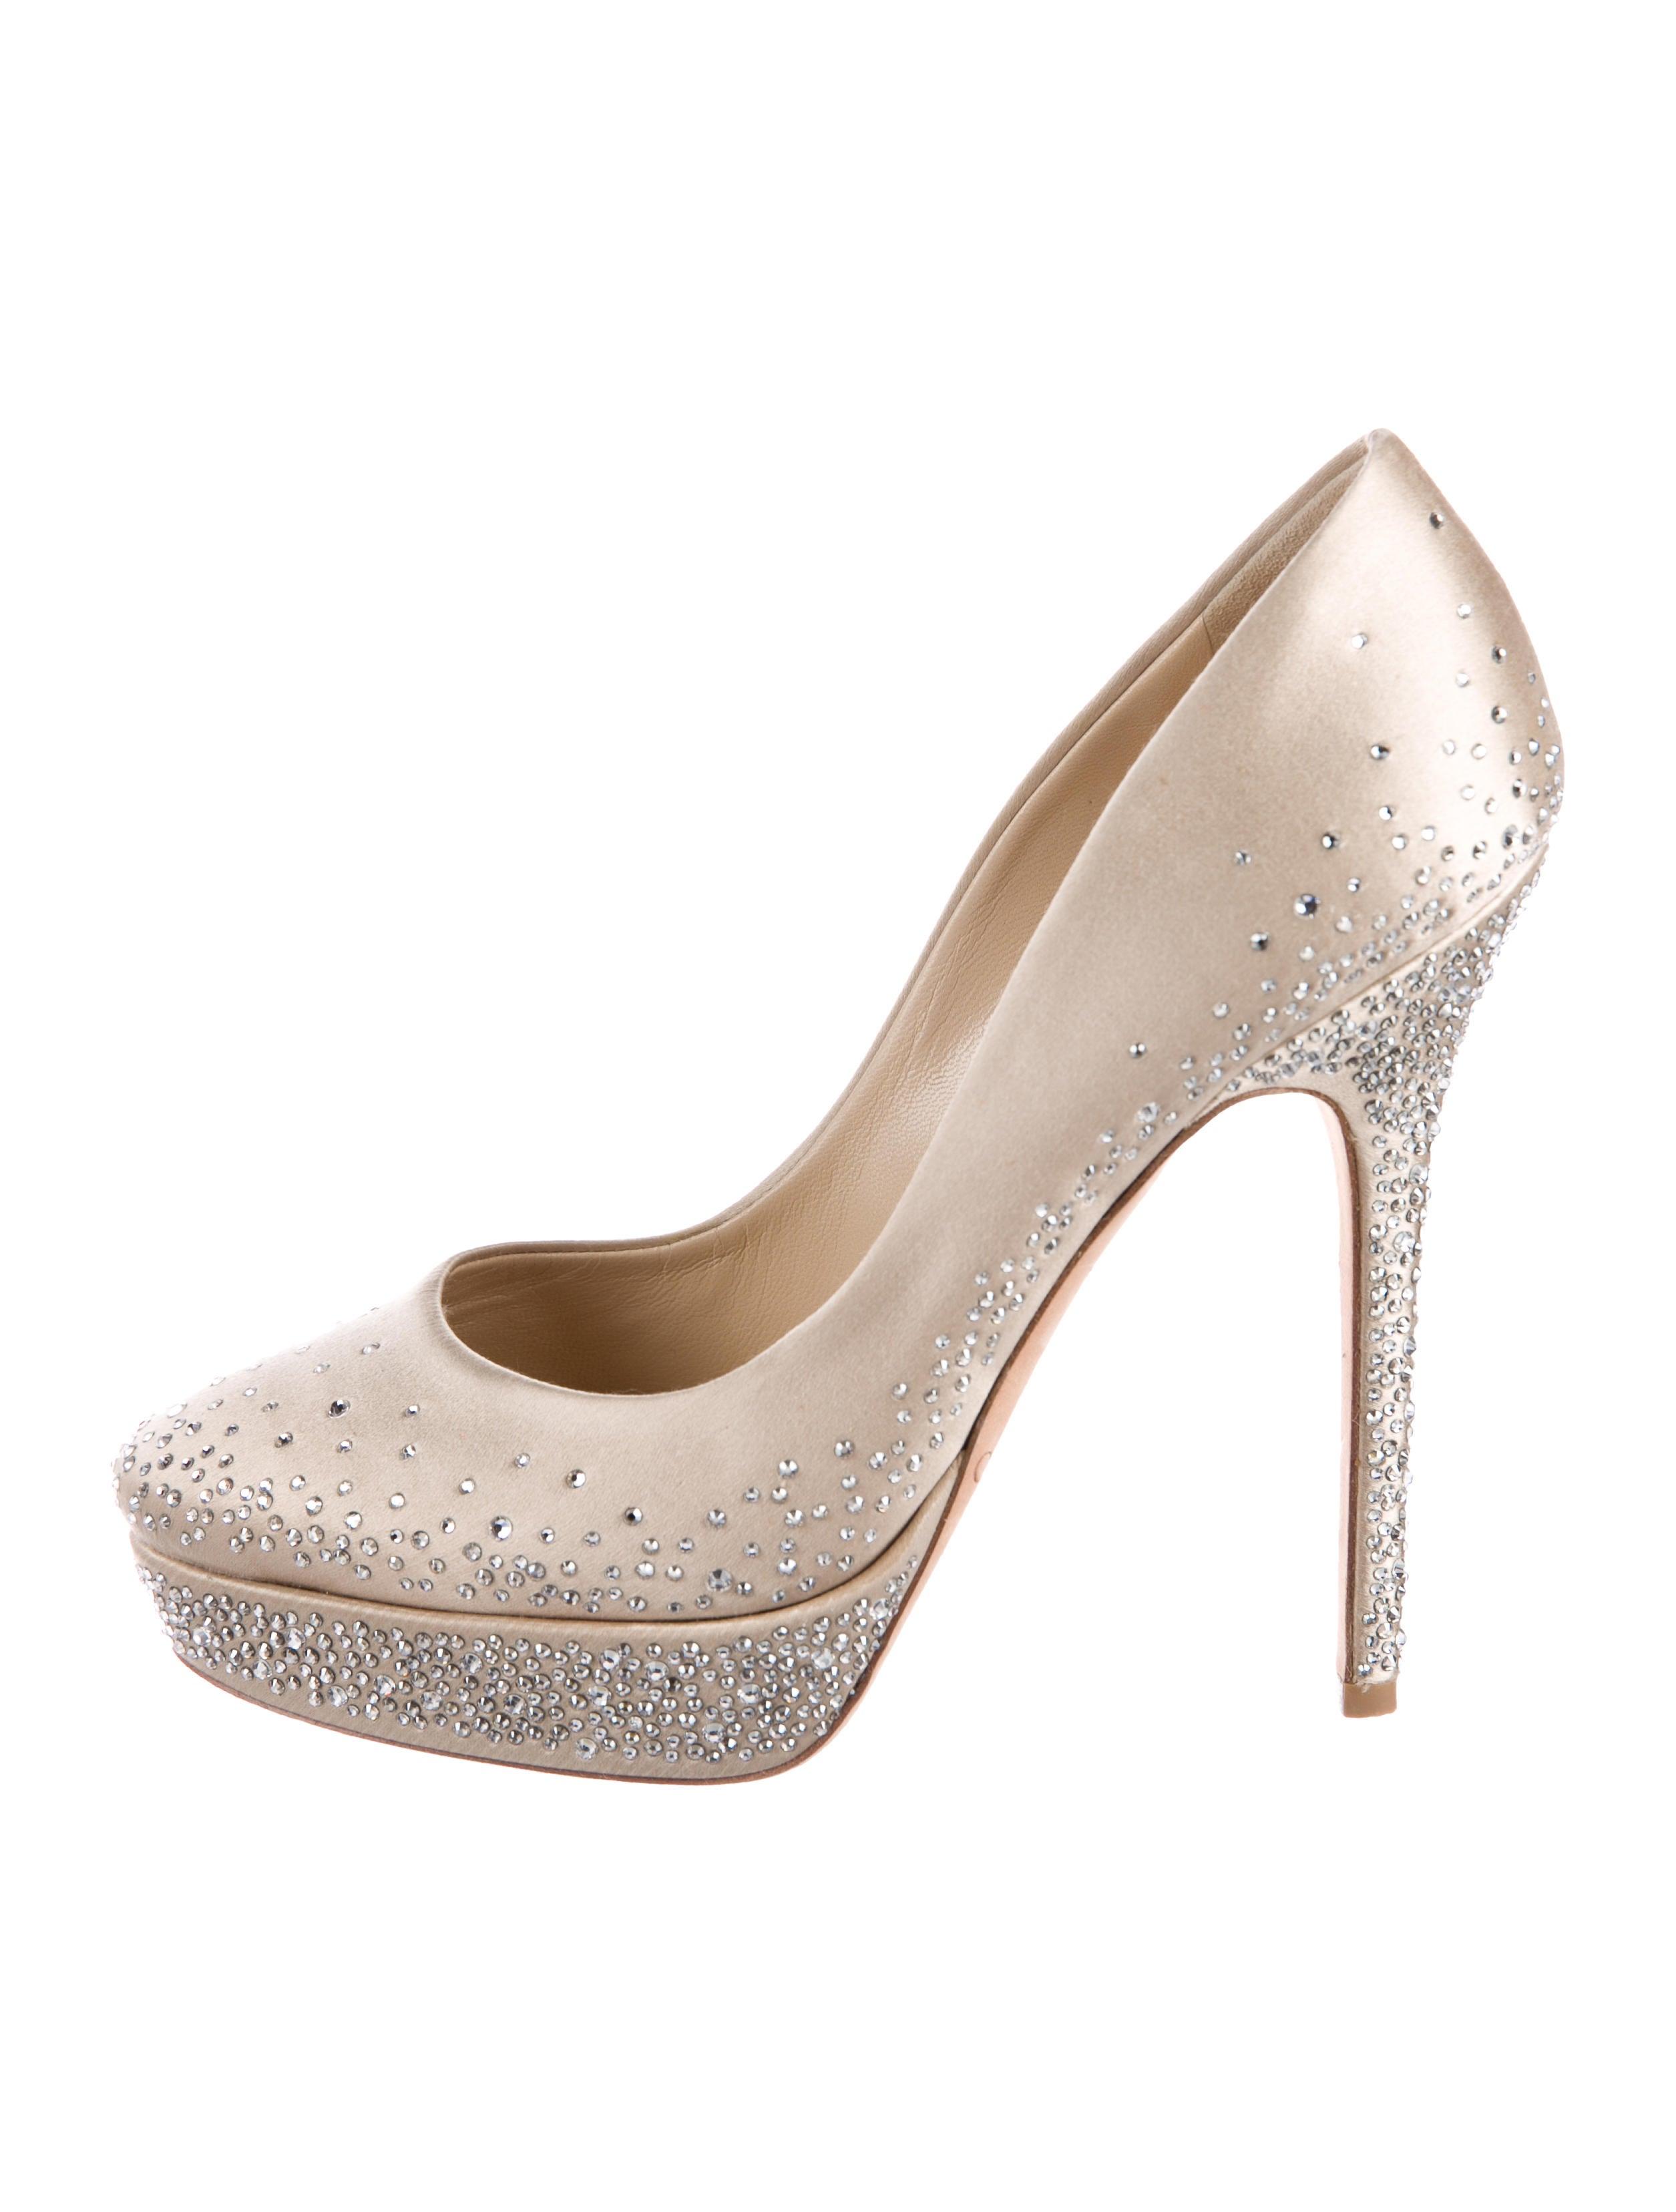 jimmy choo embellished satin pumps shoes jim82078. Black Bedroom Furniture Sets. Home Design Ideas